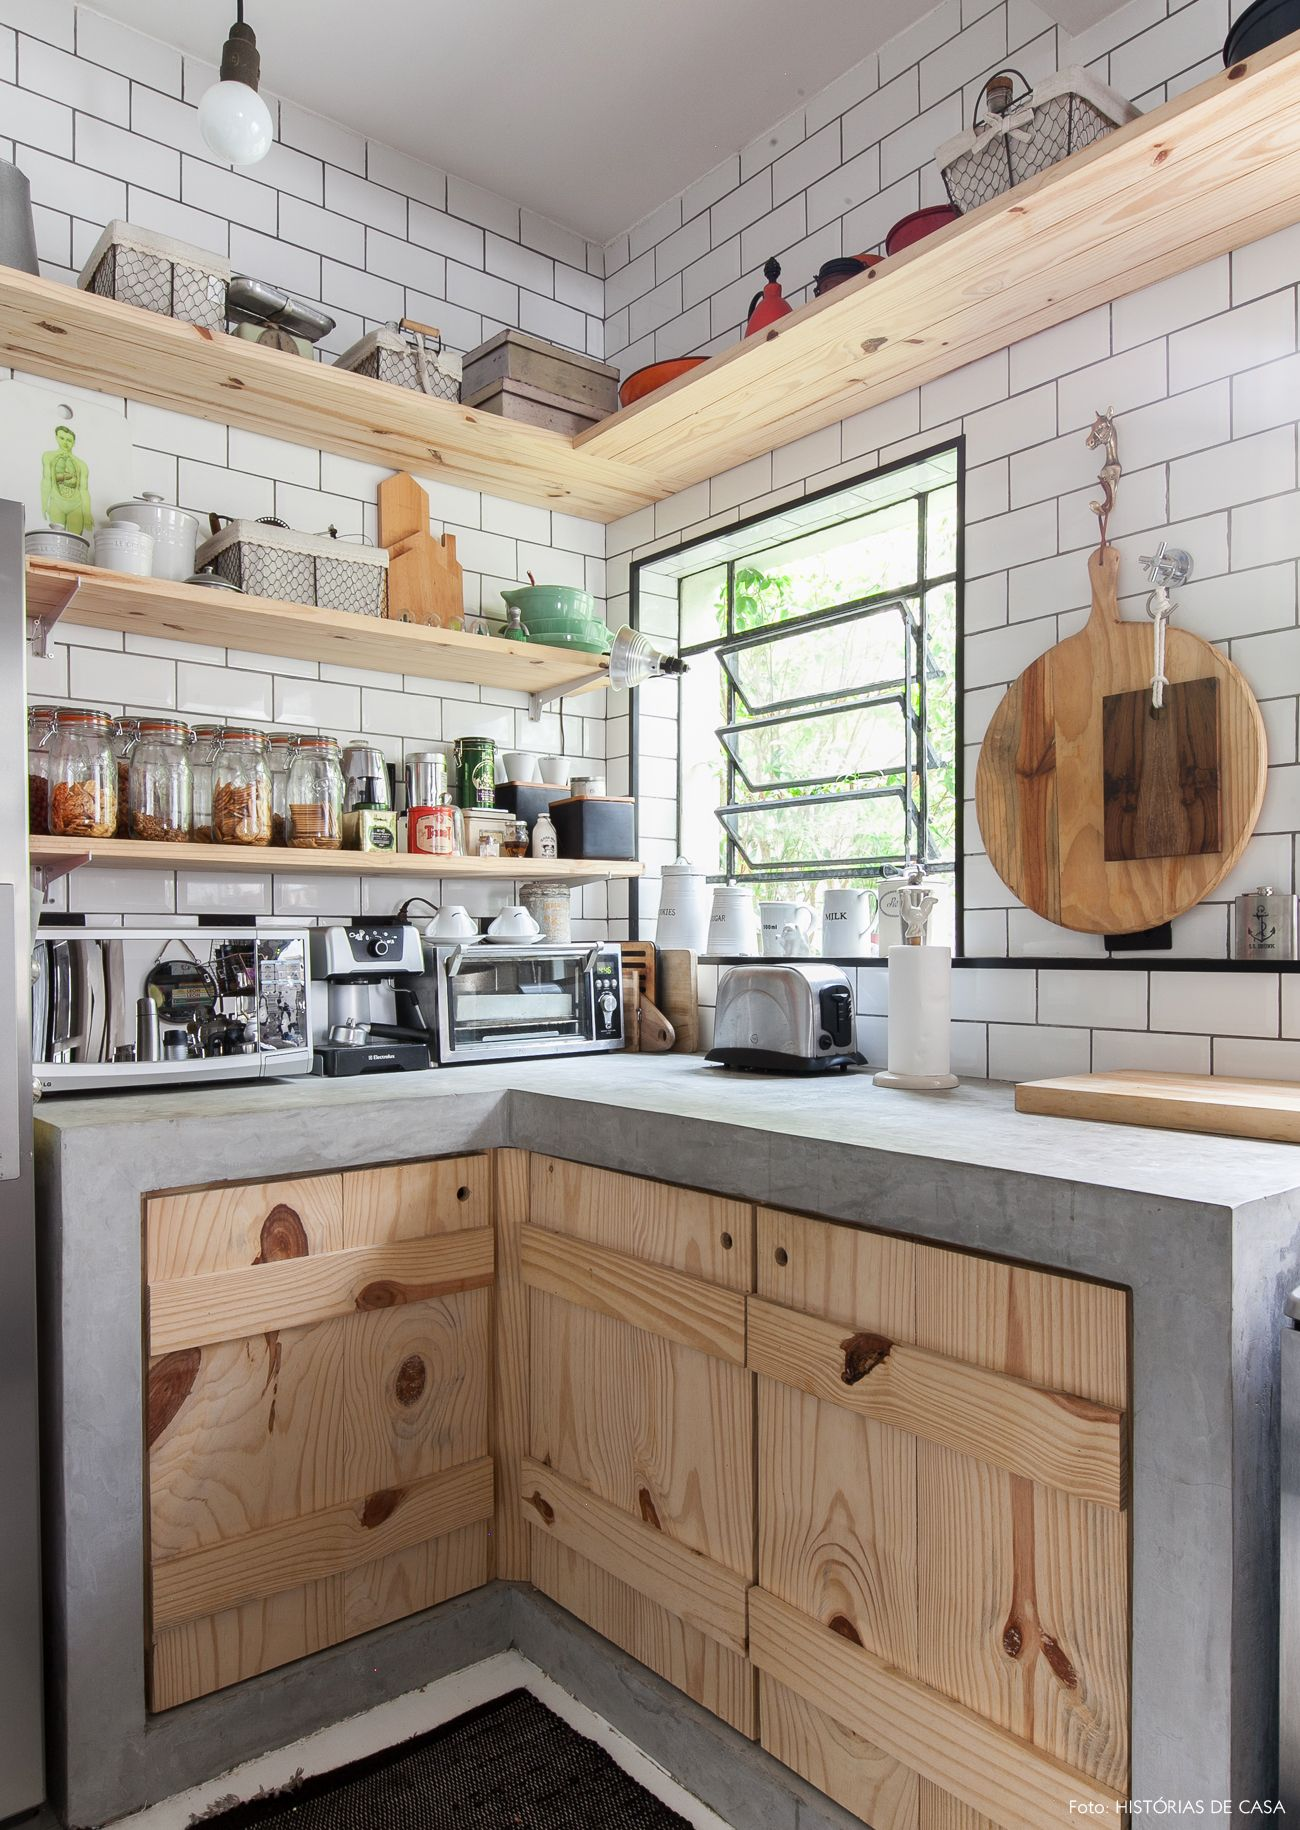 Ideias em profusão | Cozinhas integradas, Prateleiras e ... - photo#48